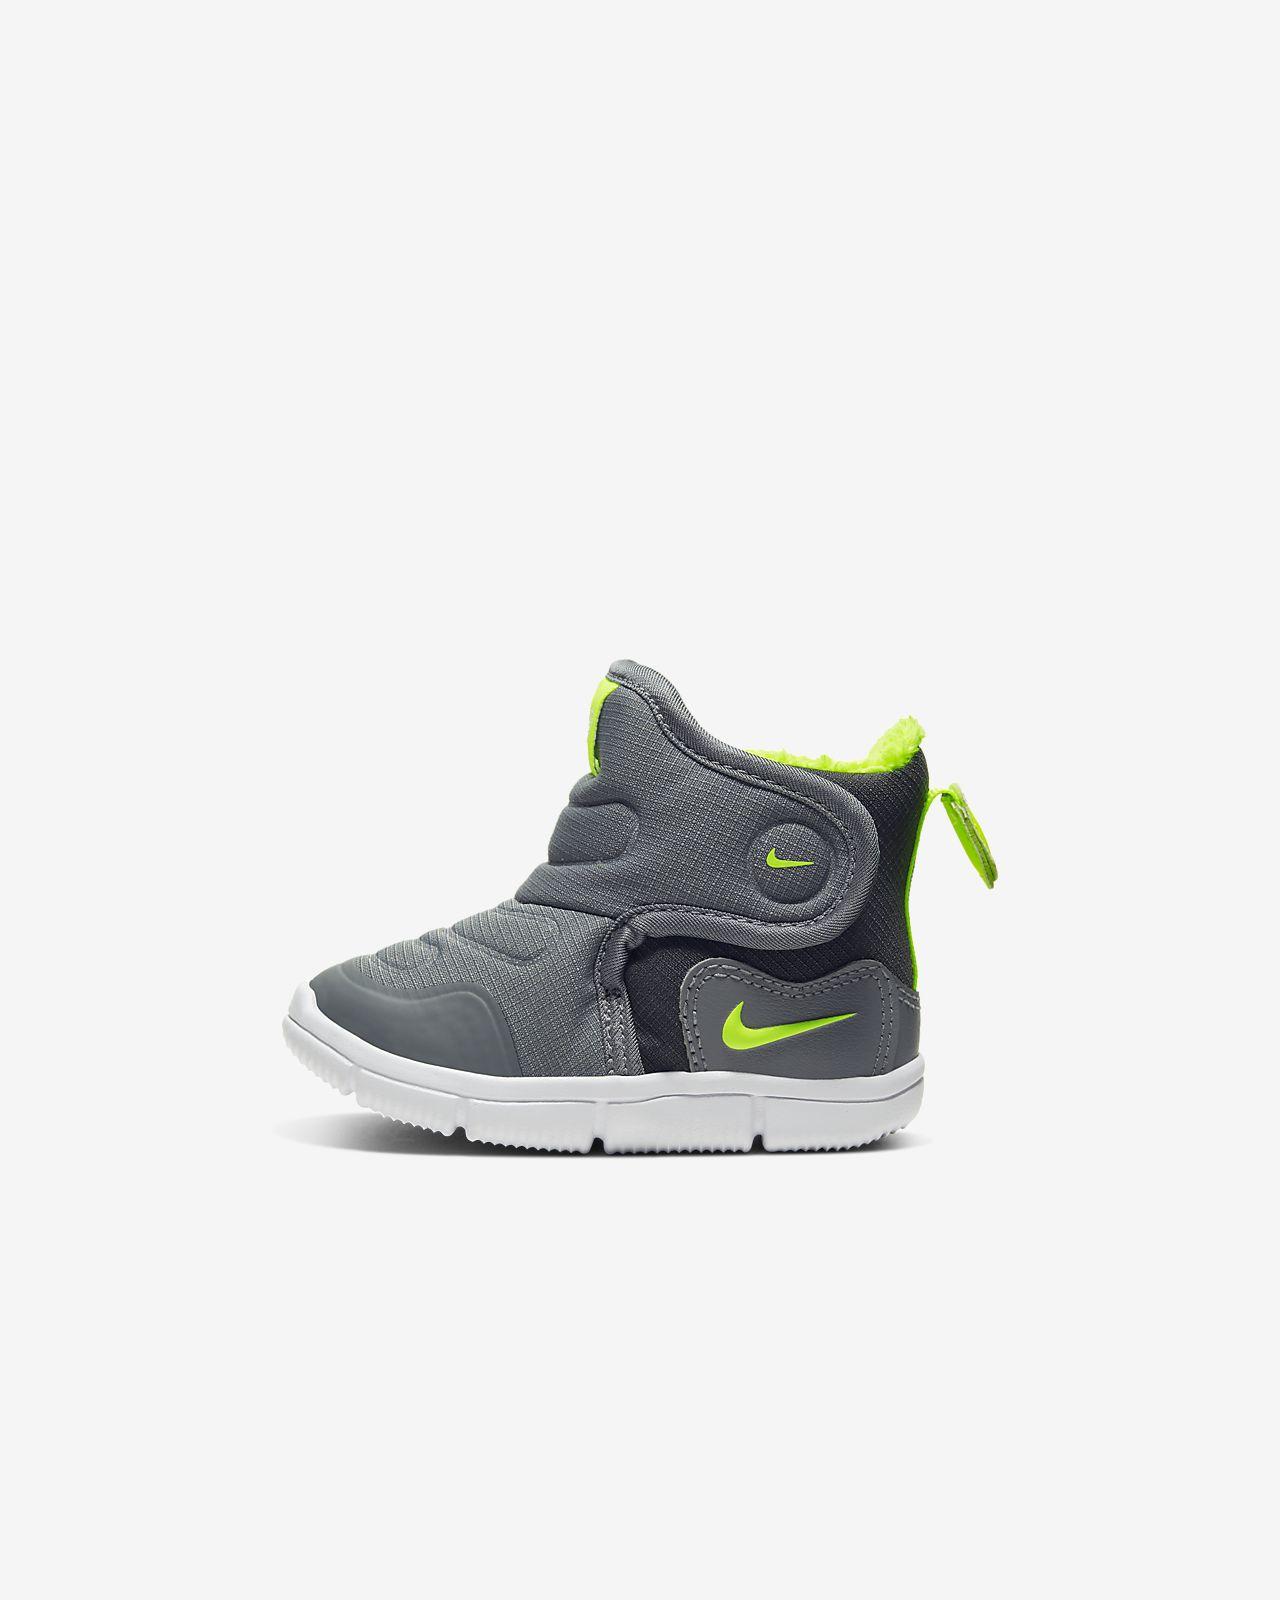 Nike Novice Boot (TD) 婴童运动童鞋